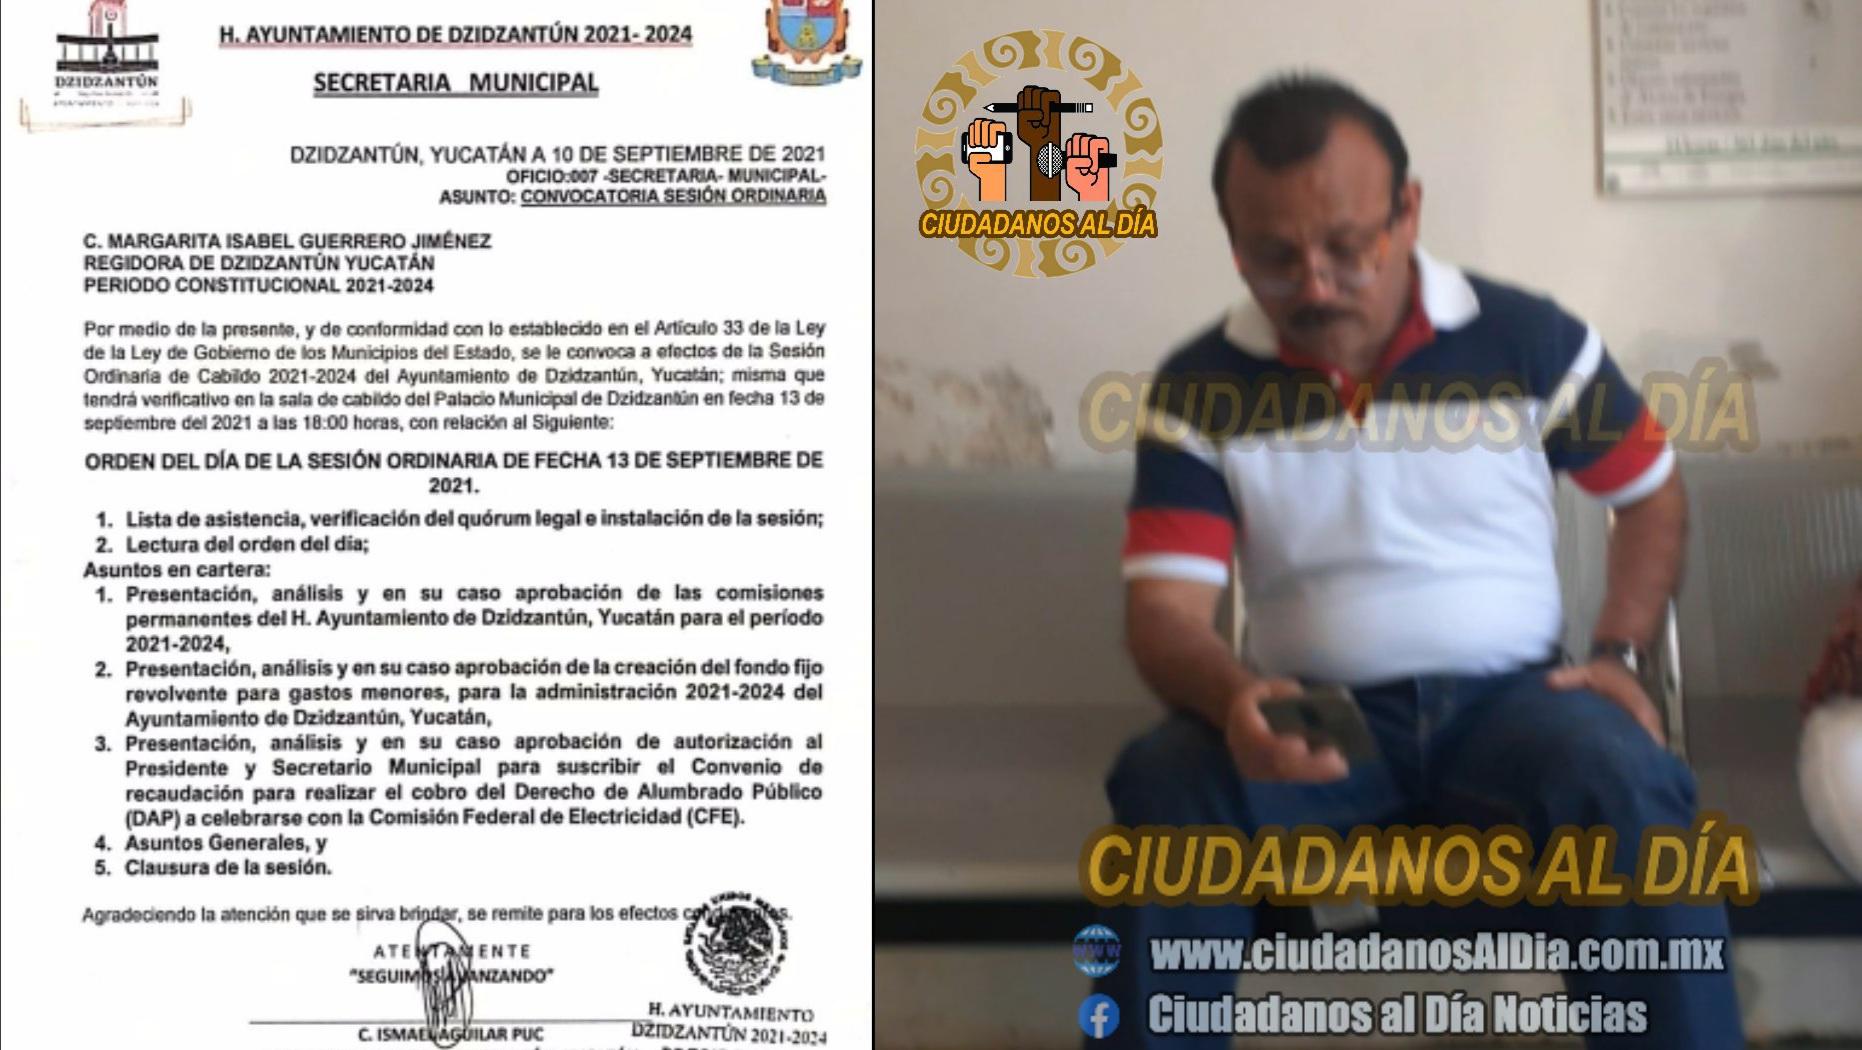 El alcalde de Dzidzantún pretende crear una caja chica para disponer a su antojo dinero de la comuna.